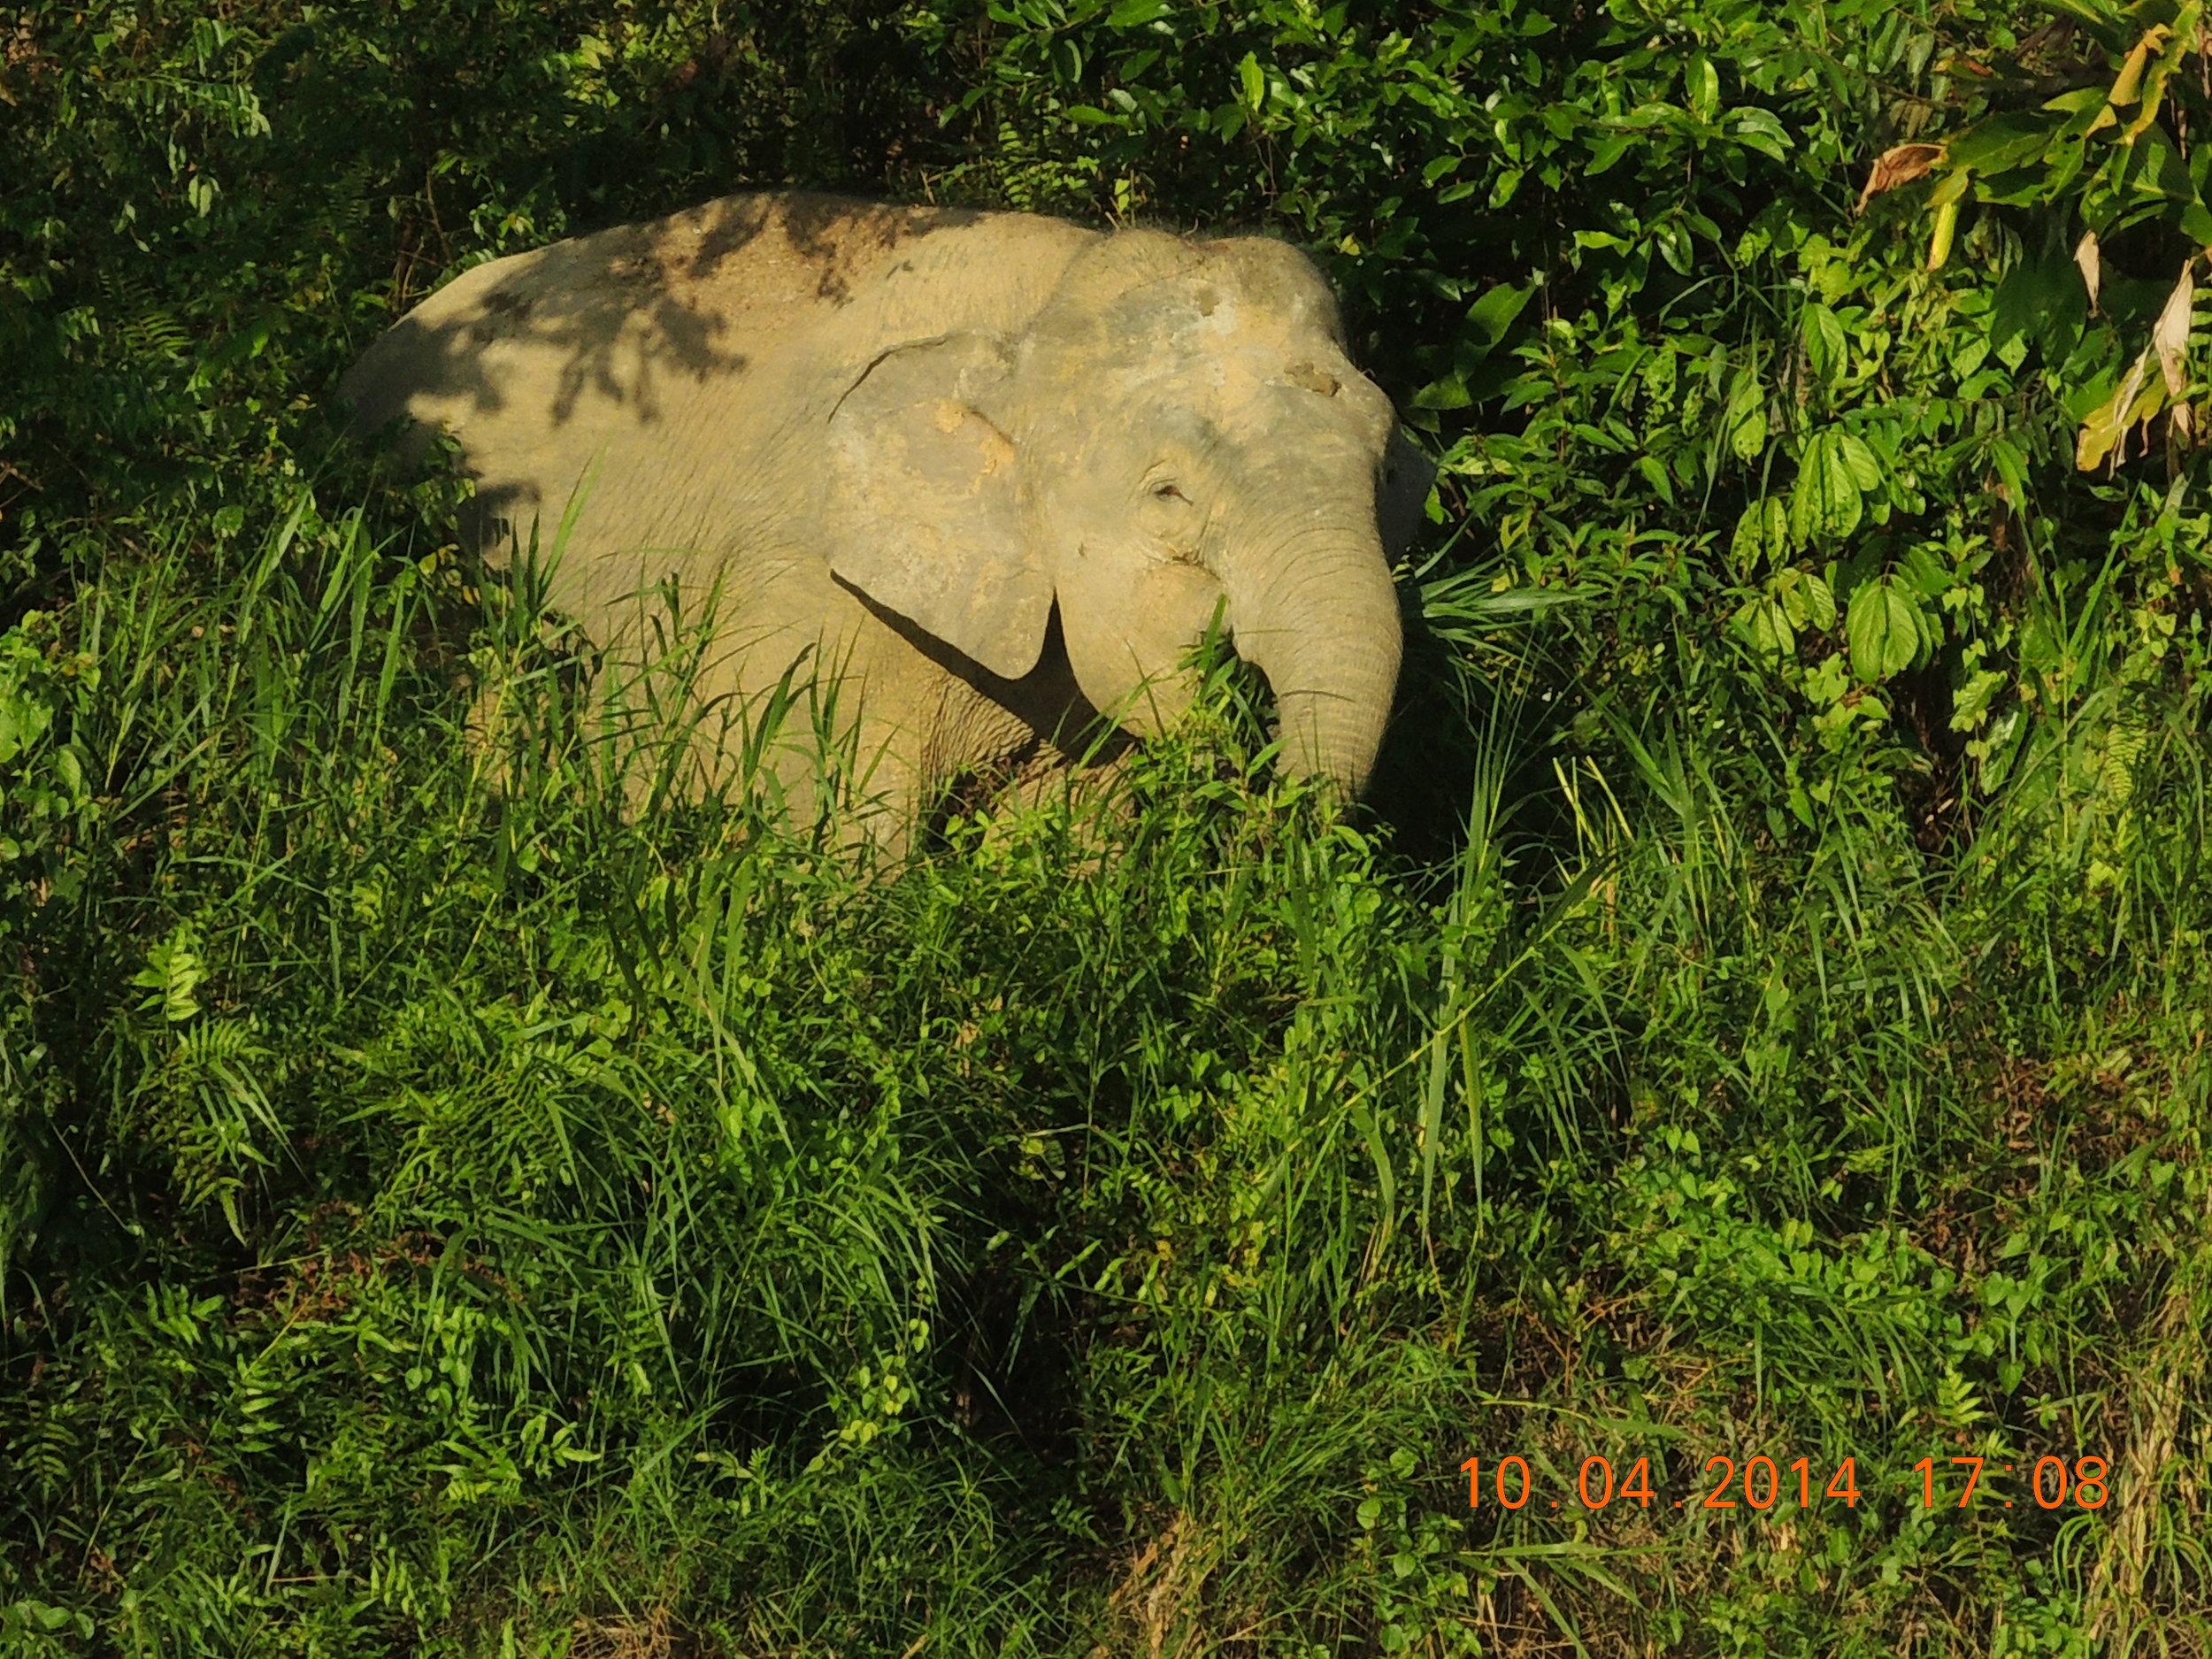 A young pygmy elephant